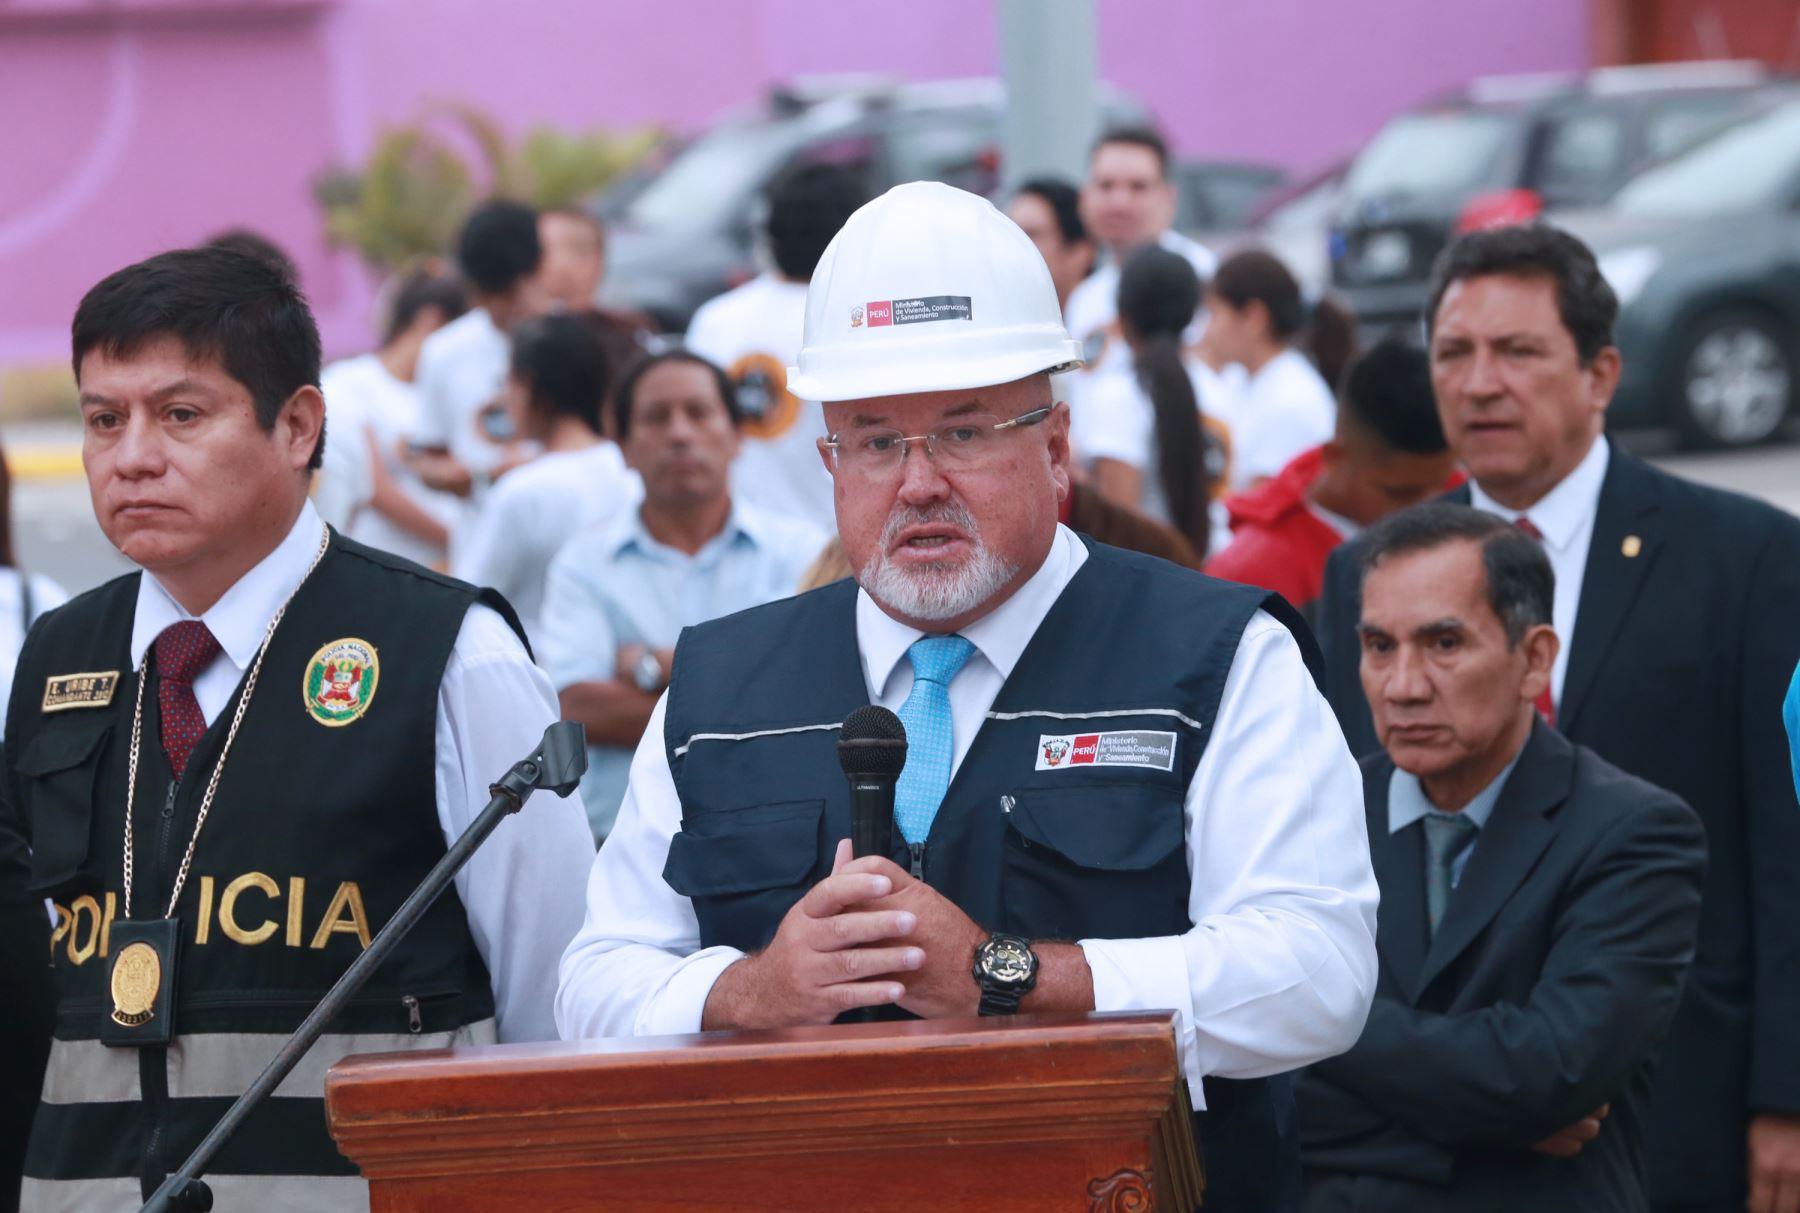 El ministro de Vivienda, Carlos Bruce, inaugura el nuevo bulevar Precursores, en el distrito de San Miguel, que beneficiará a más de 28,000 vecinos. Foto: ANDINA/Norman Córdova